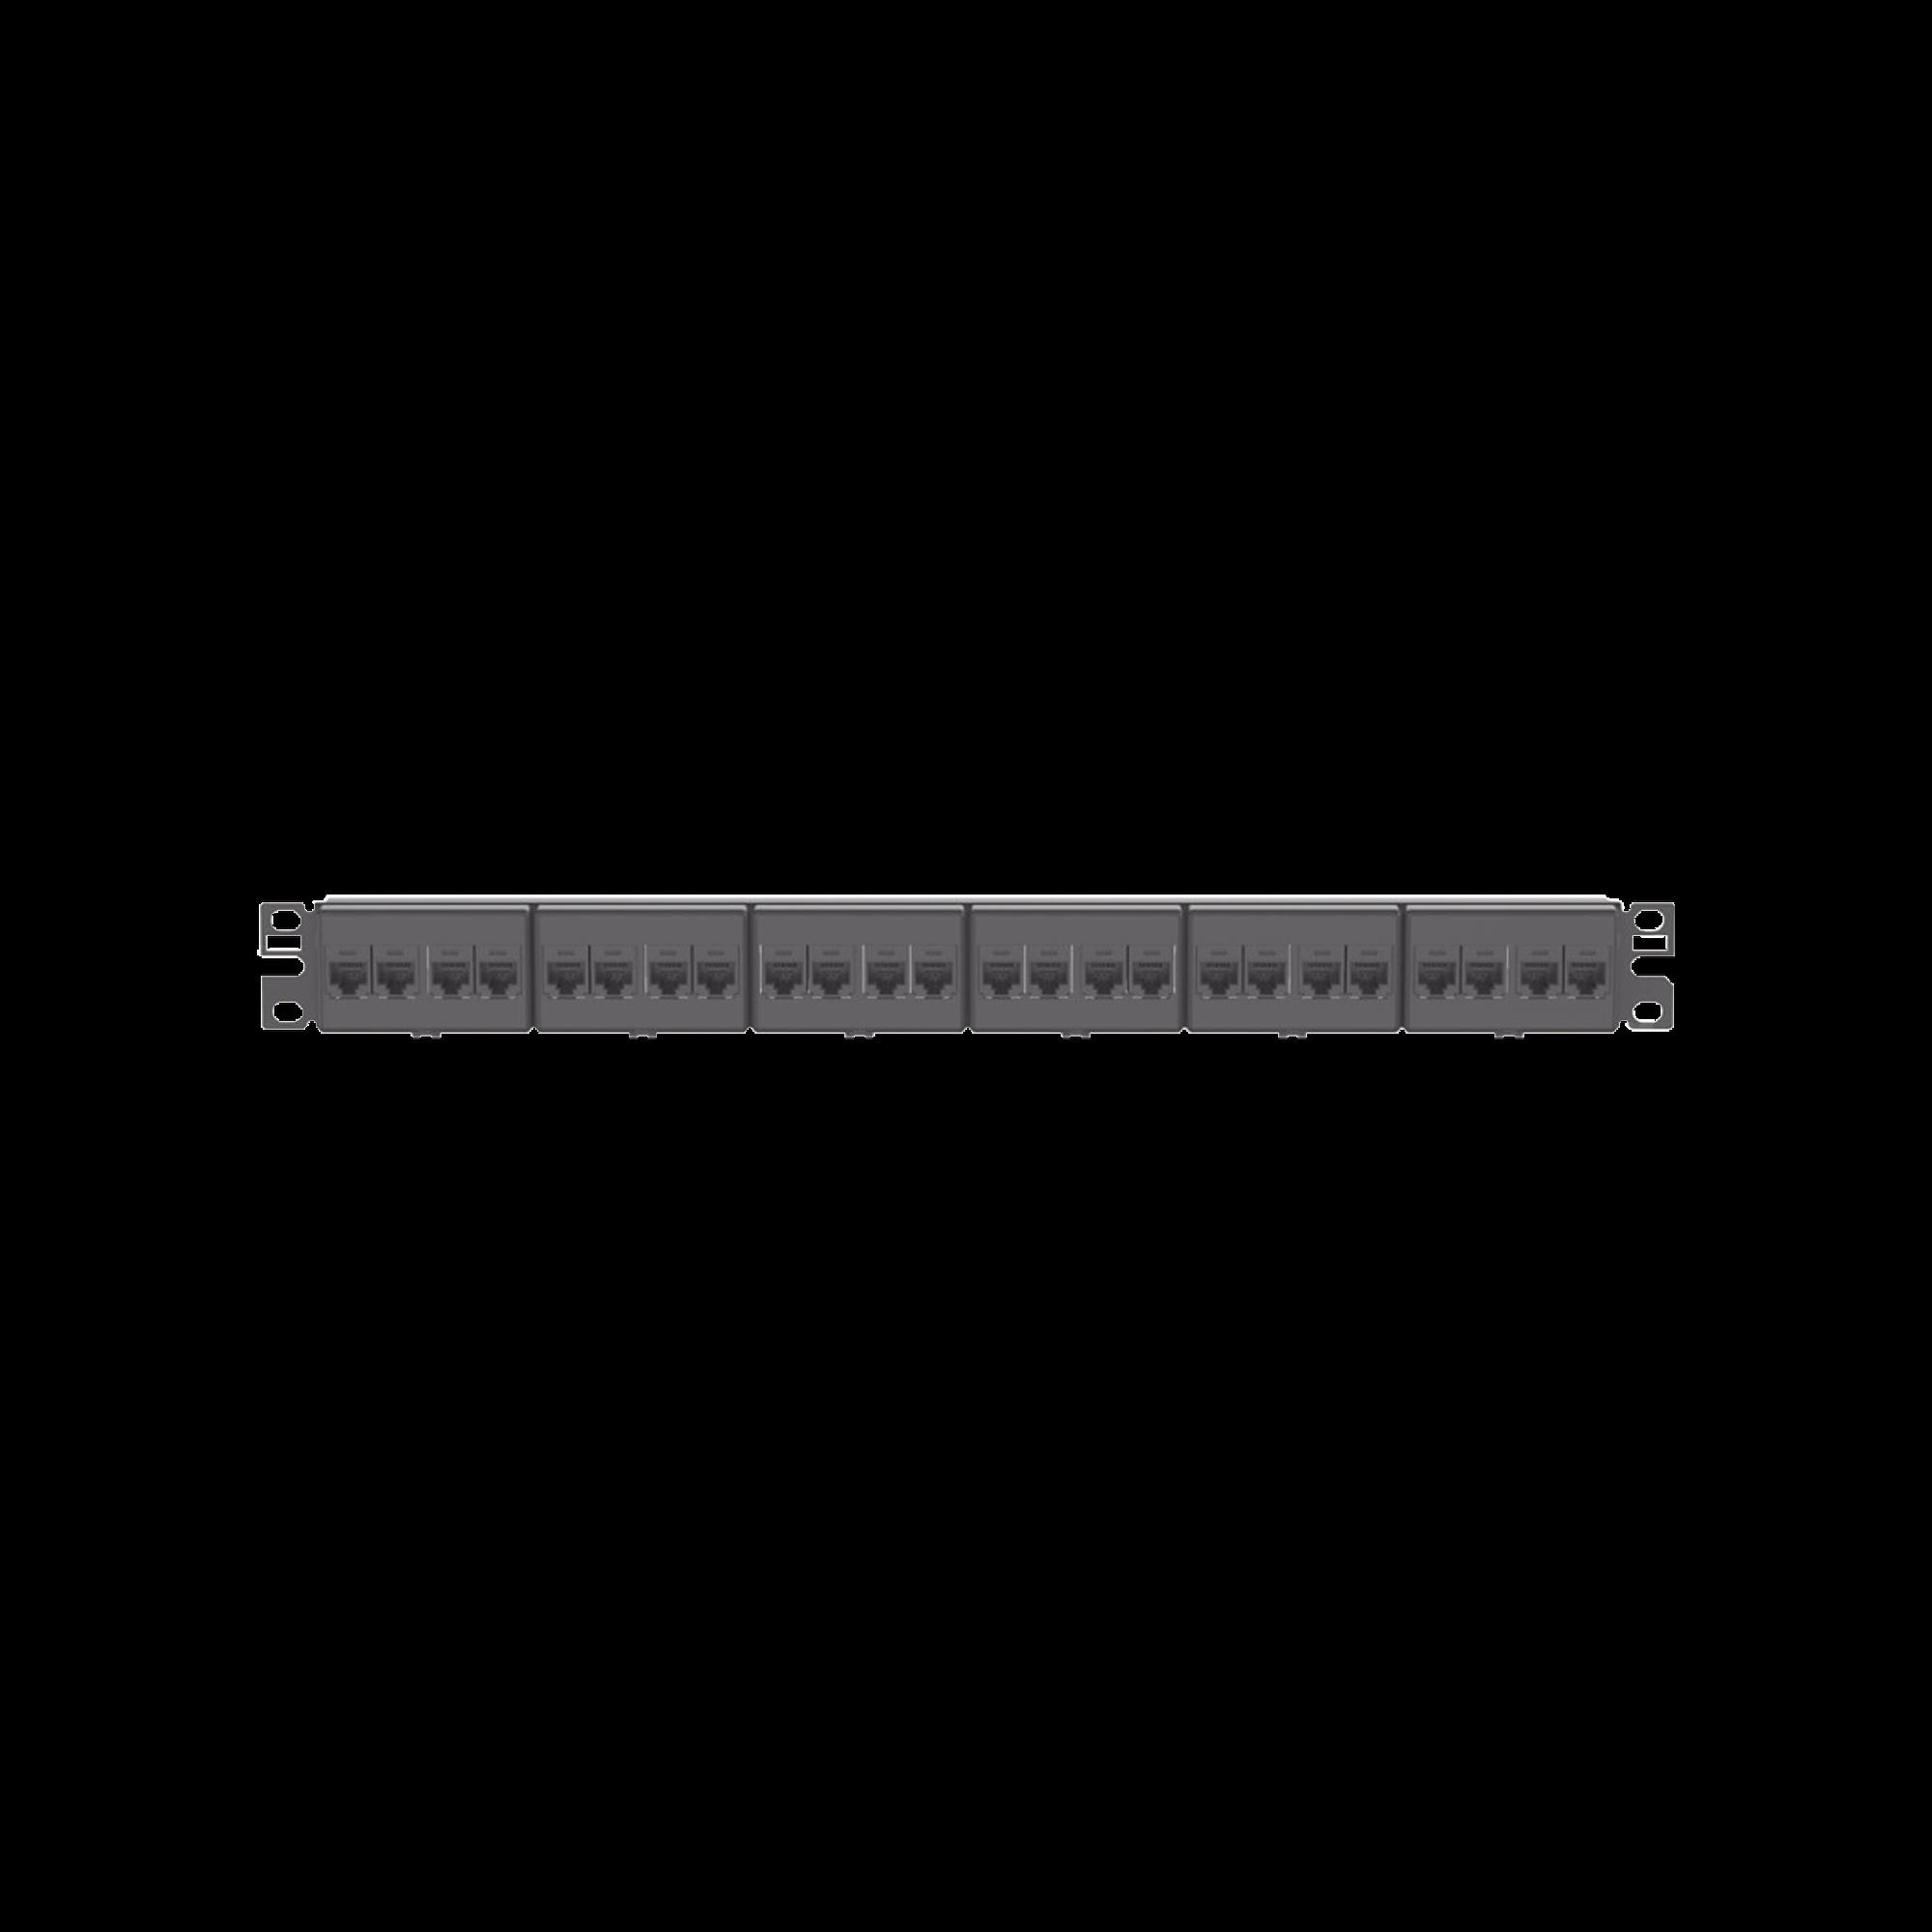 Panel de Parcheo con 24 Acopladores Mini-Com, Plano, Categoria 5e, de 1 UR, Color Negro